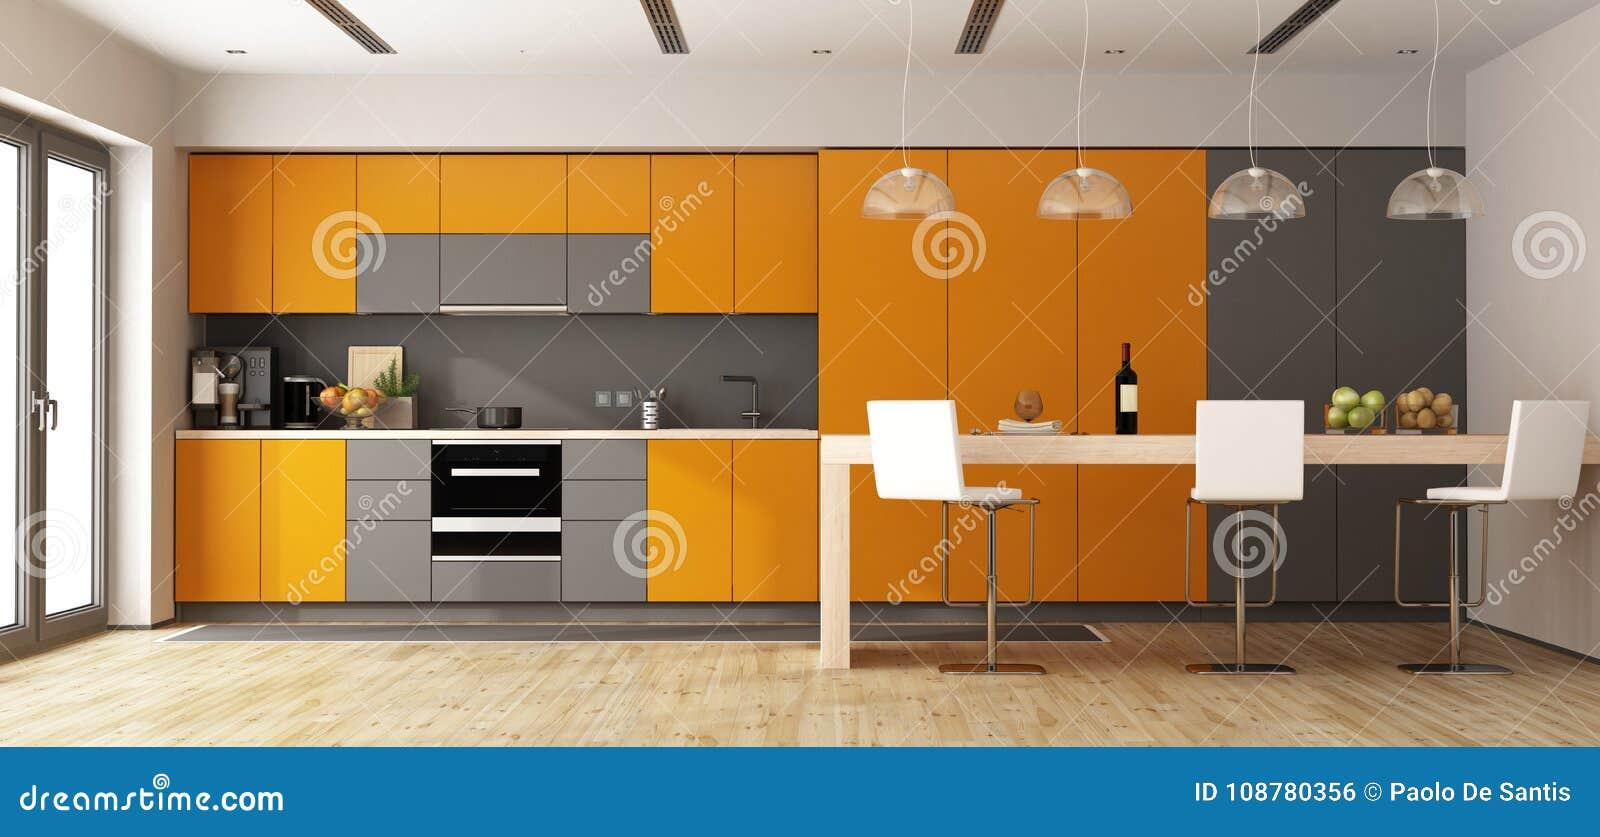 Cucina Moderna Arancione.Cucina Moderna Arancio E Grigia Illustrazione Di Stock